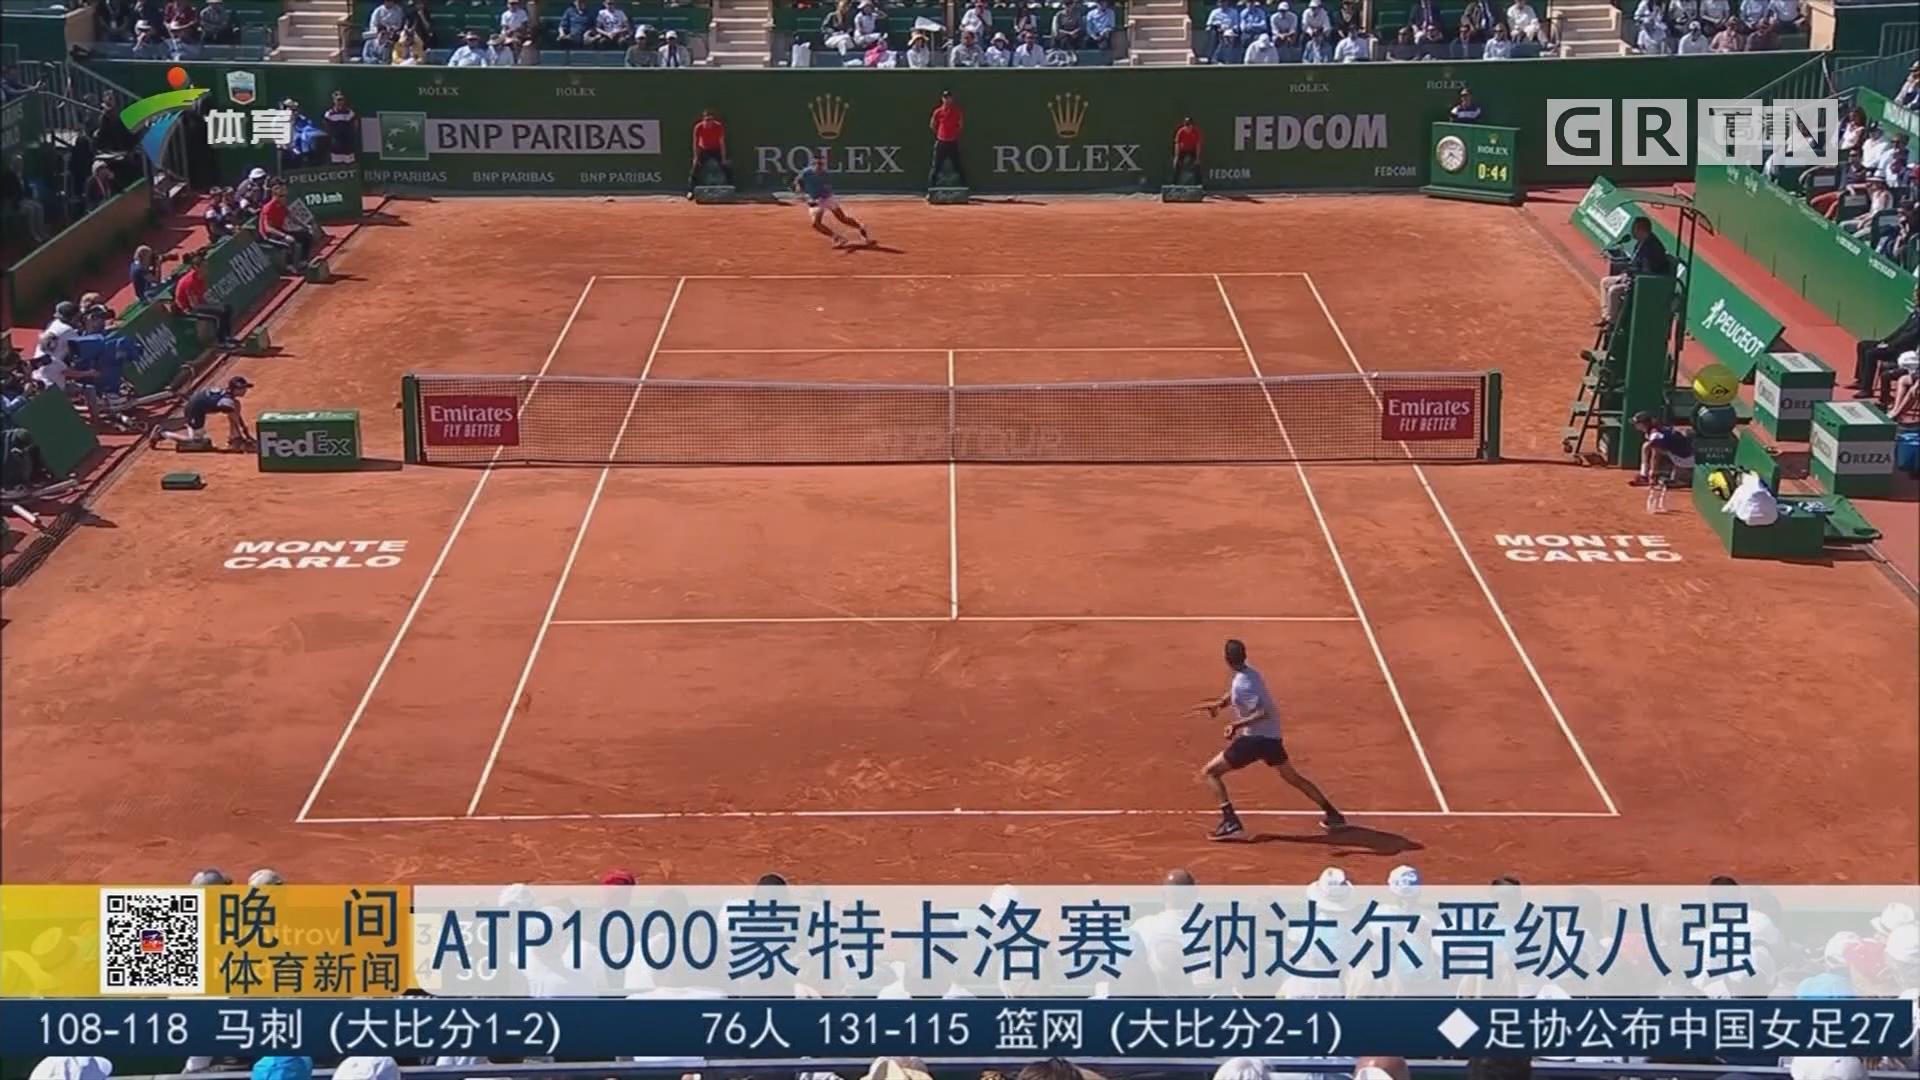 ATP1000蒙特卡洛赛 纳达尔晋级八强